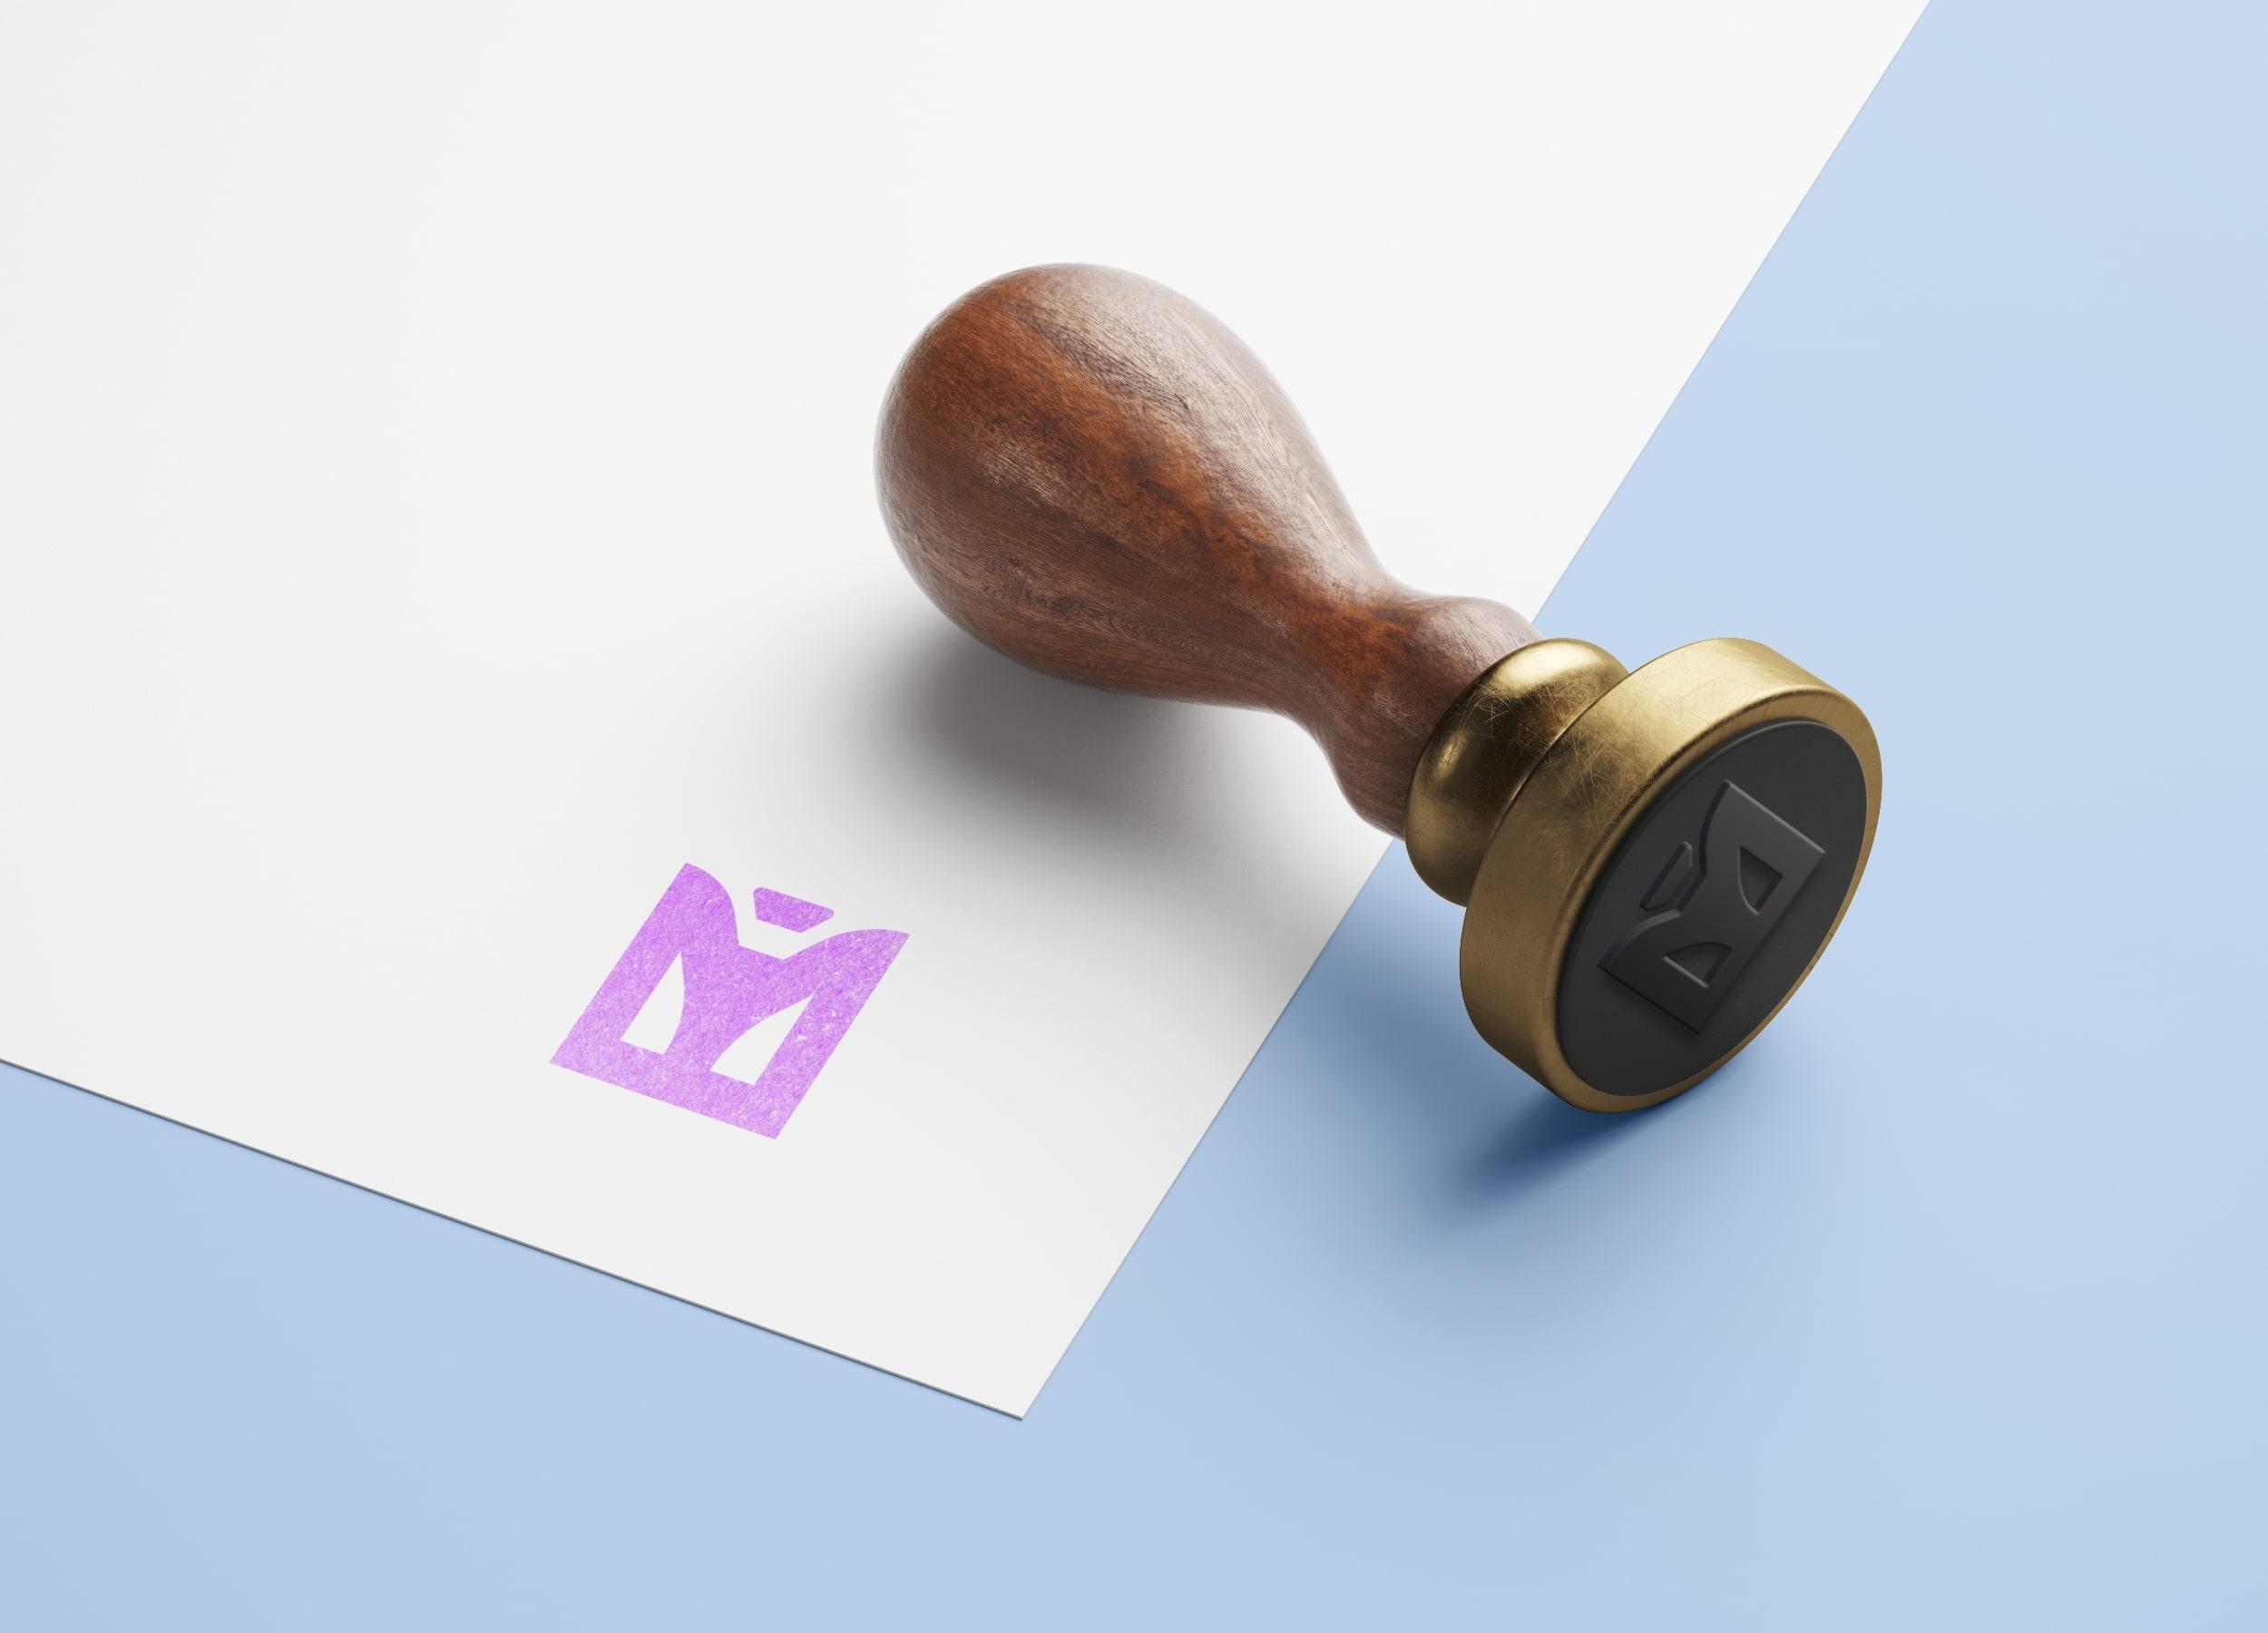 Логотип и фирменный стиль для магазина тканей. фото f_3355ce395c0cdee5.jpg